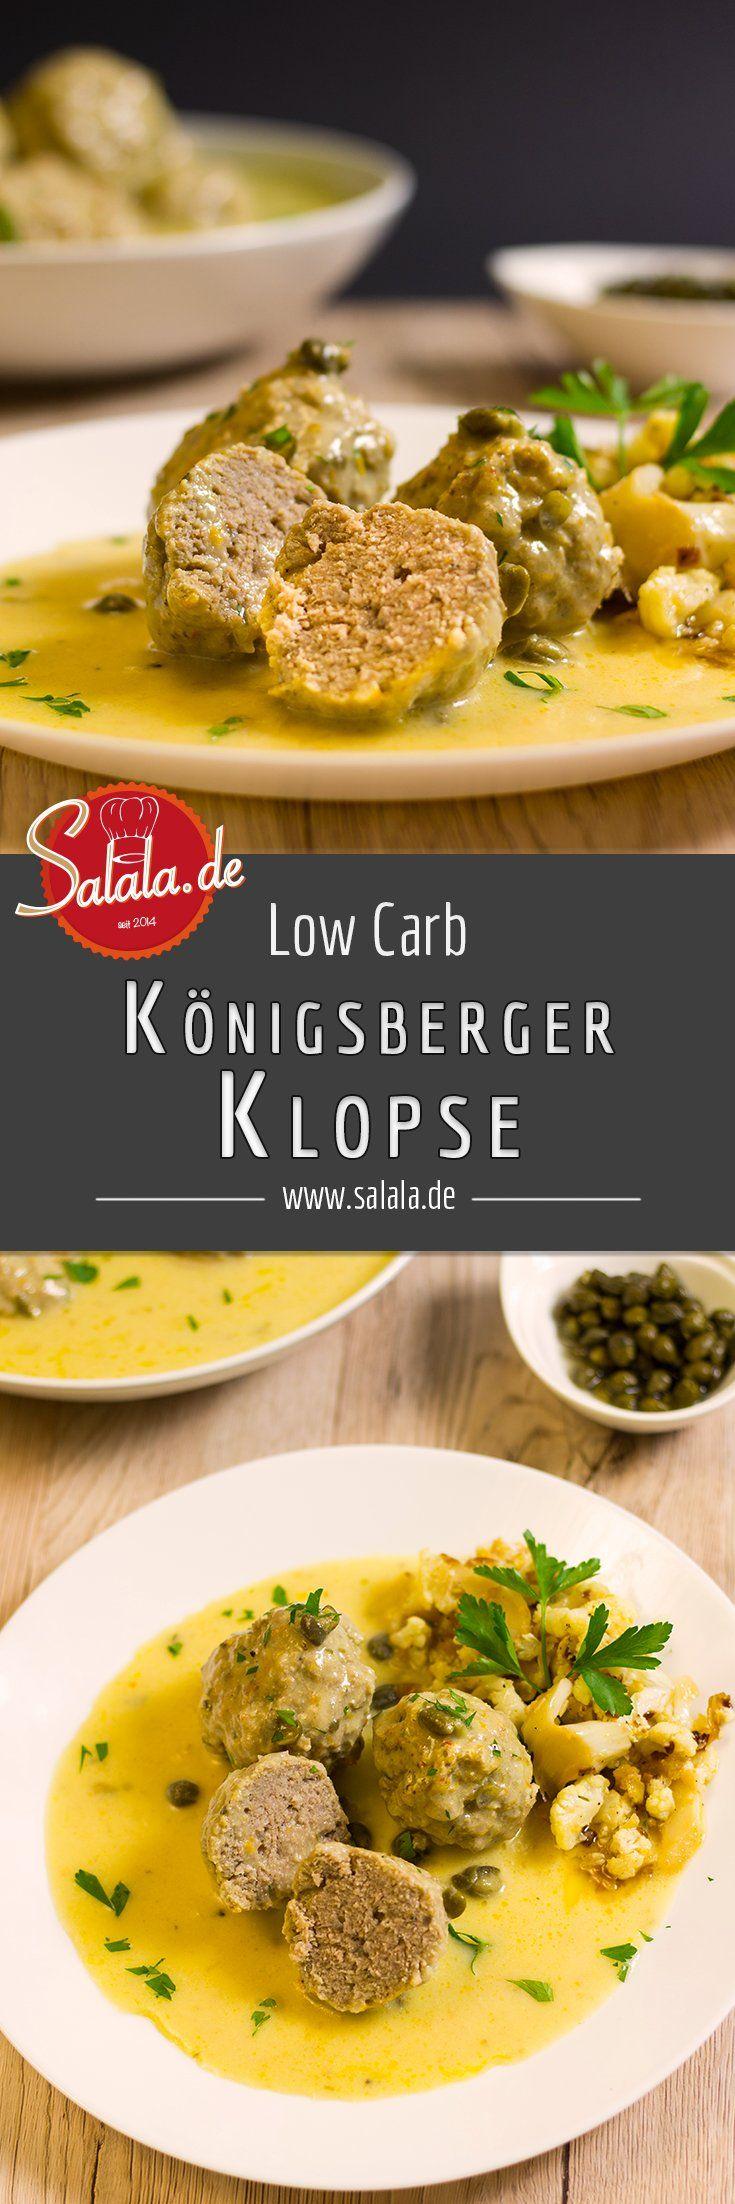 Königsberger Klopse ohne Mehl - by salala.de - low carb glutenfrei mehlfrei zuckerfrei ohne Brötchen Rezept Klassiker Deutsche Küche